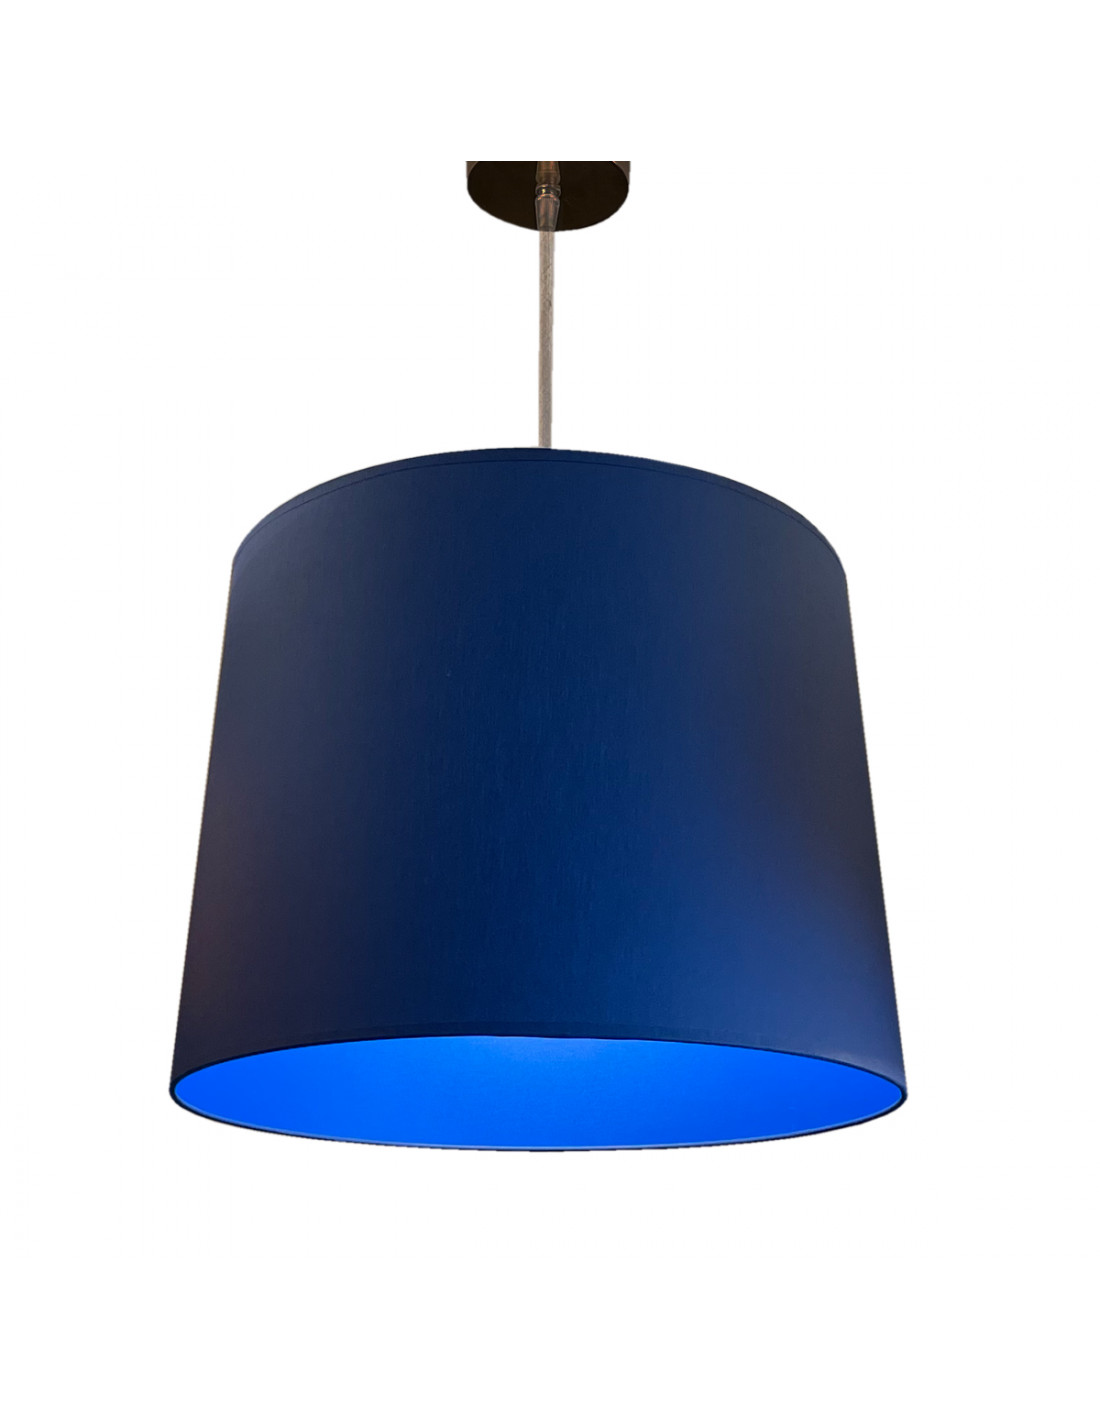 Suspension abat-jour bleu D 40 cm